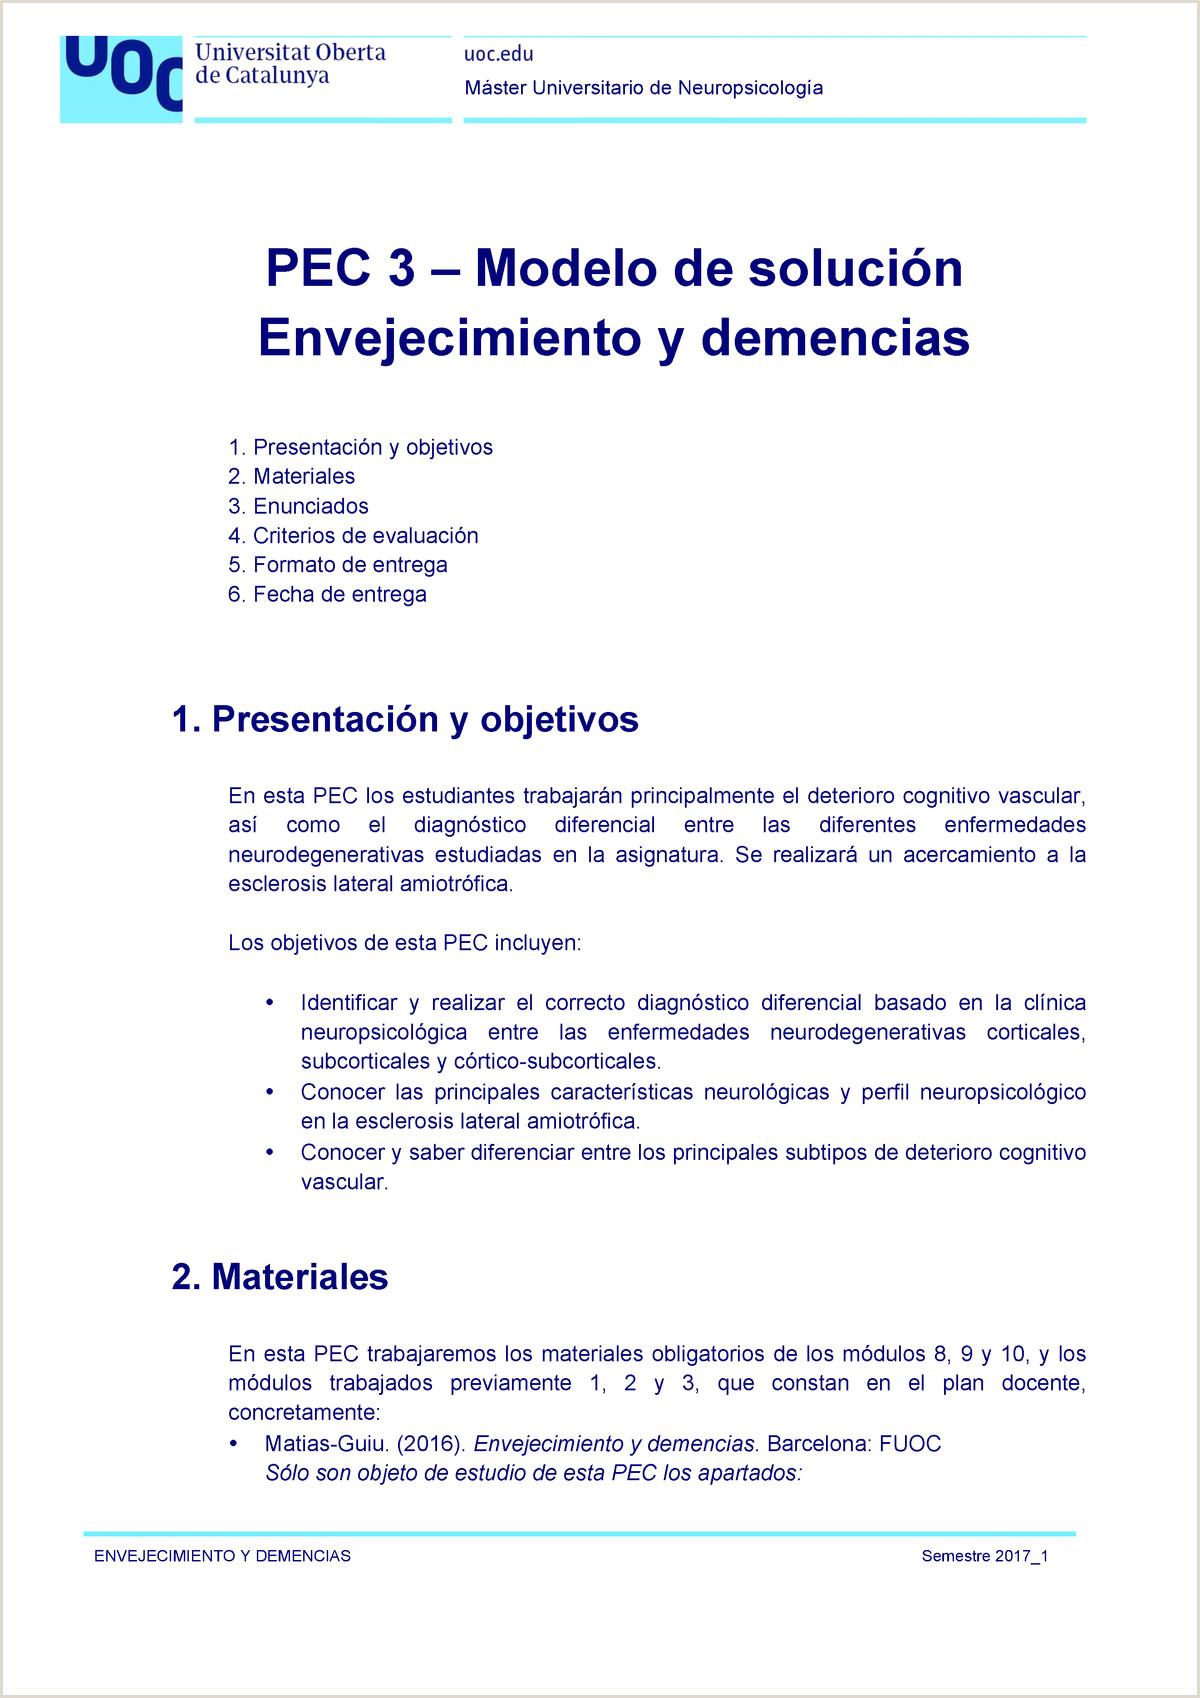 Formato De Hoja De Vida Basica En Word M0 355 Pec 3 solucion Envejecimiento Y Demencias 2017 1 2